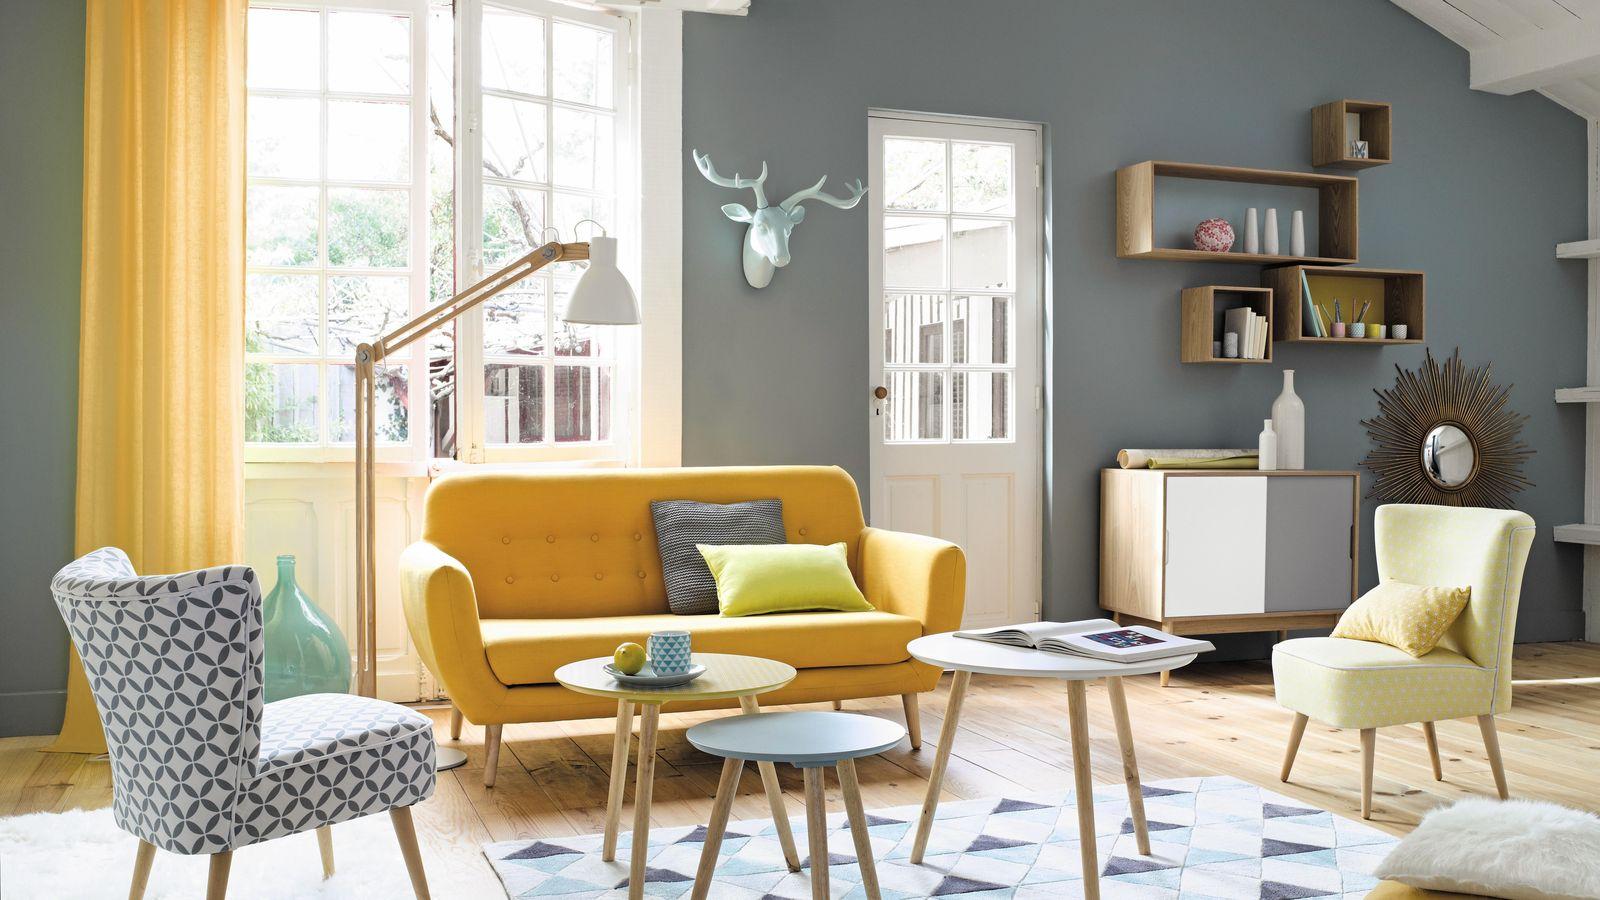 Decoraci n deco n rdica sin ikea 22 muebles asequibles for Muebles con estilo